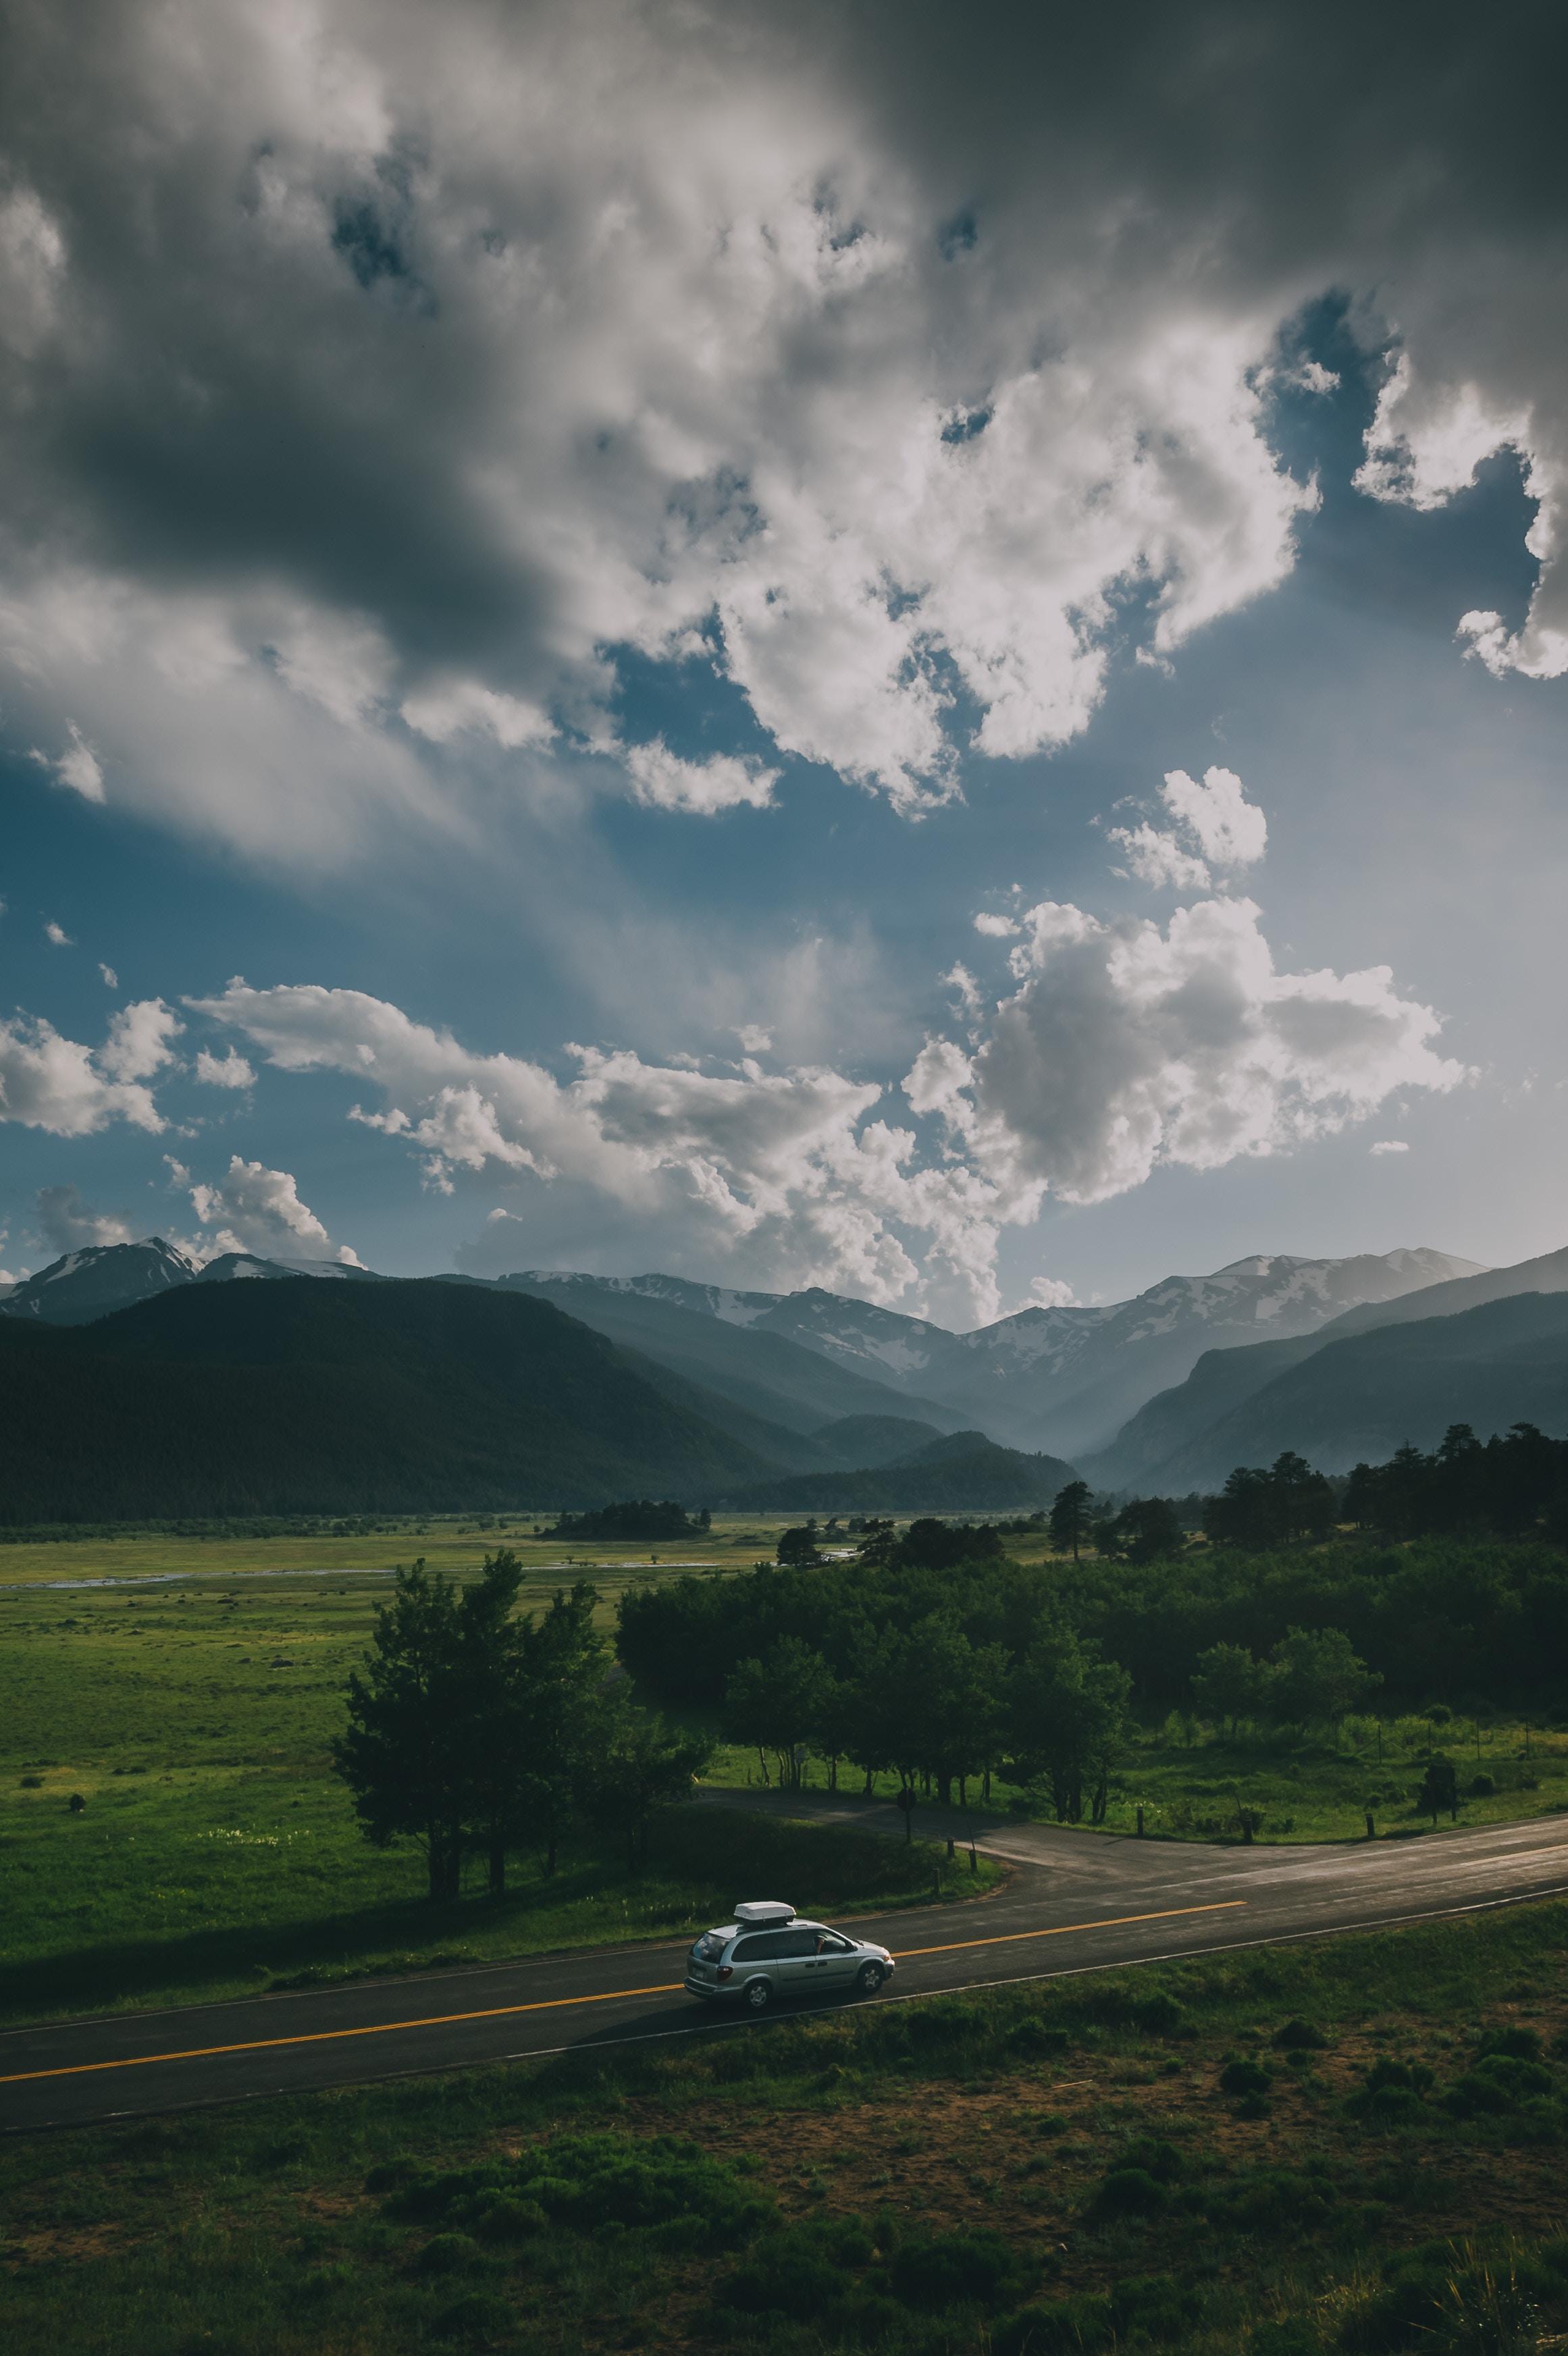 132703 Hintergrundbild herunterladen Auto, Mountains, Cars, Straße, Wagen, Suv, Reise - Bildschirmschoner und Bilder kostenlos